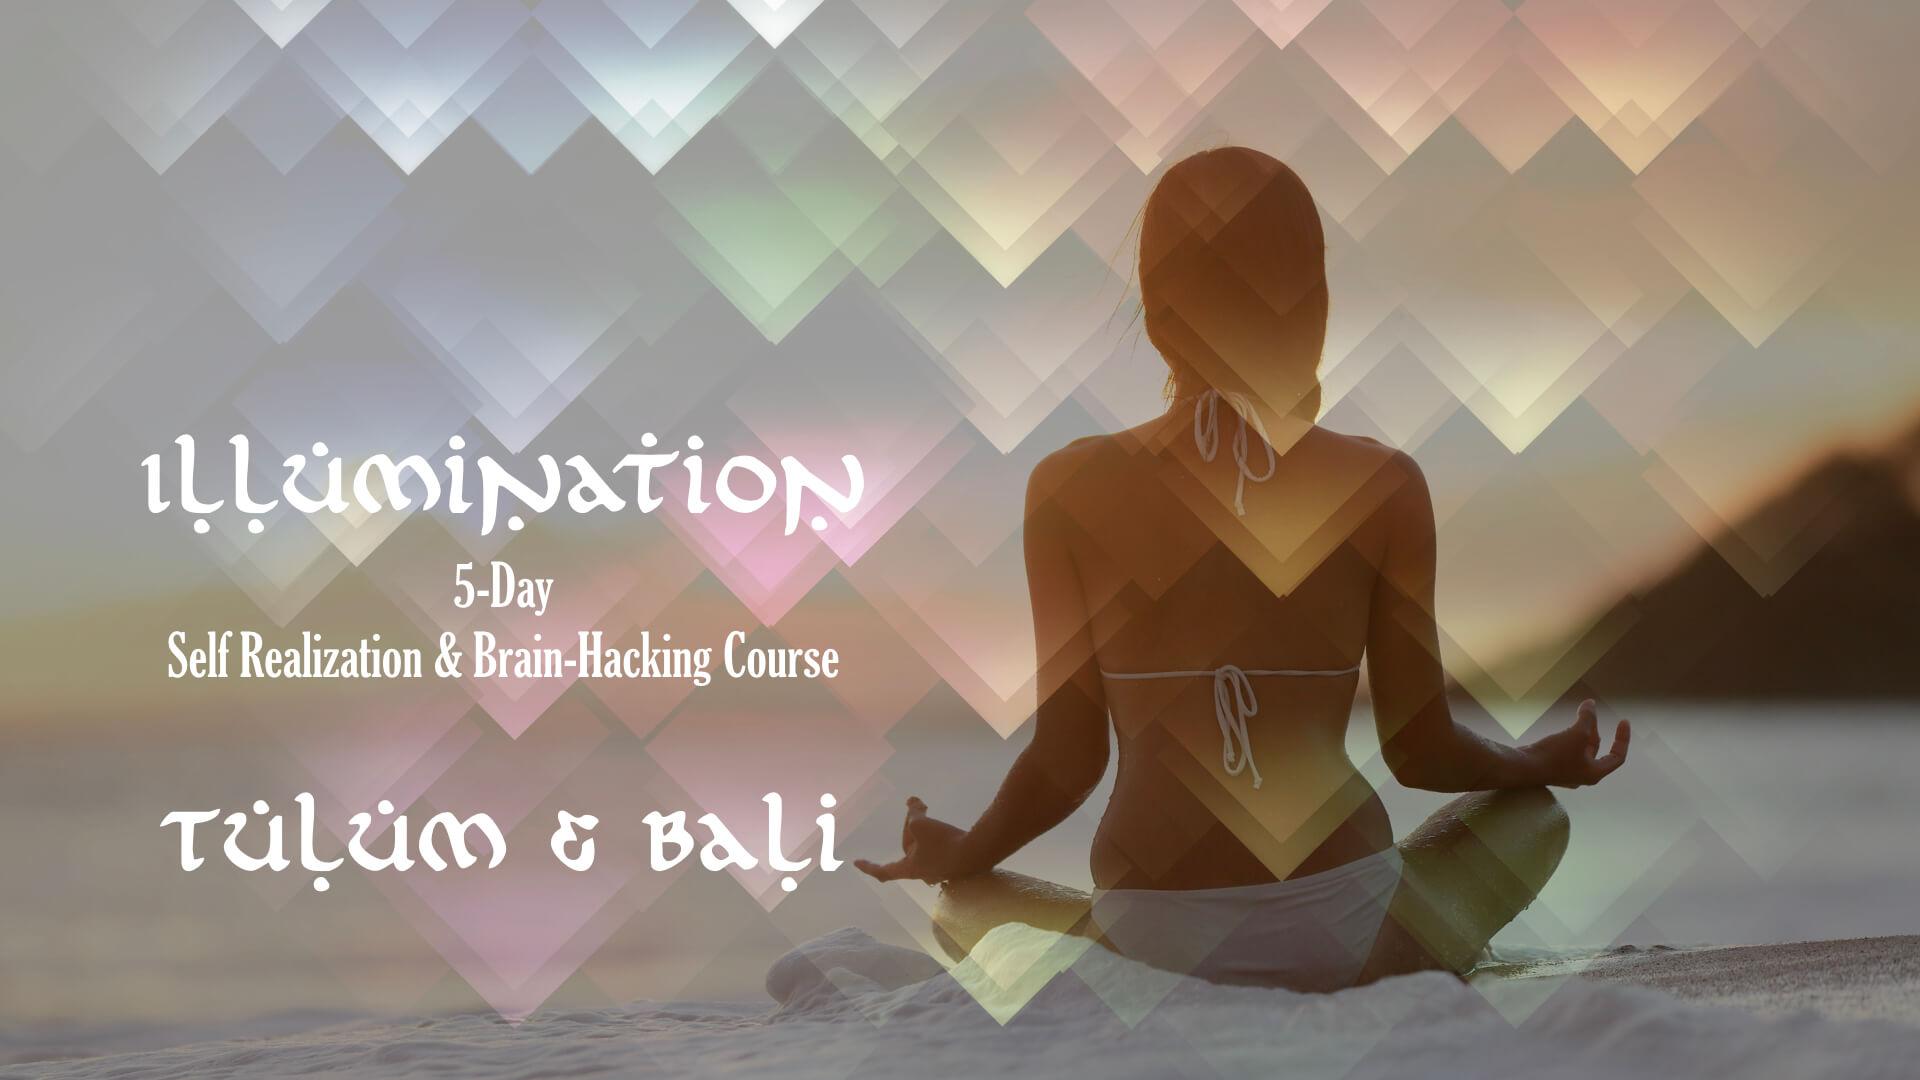 NeuroBe_Illumination Retreat.jpeg